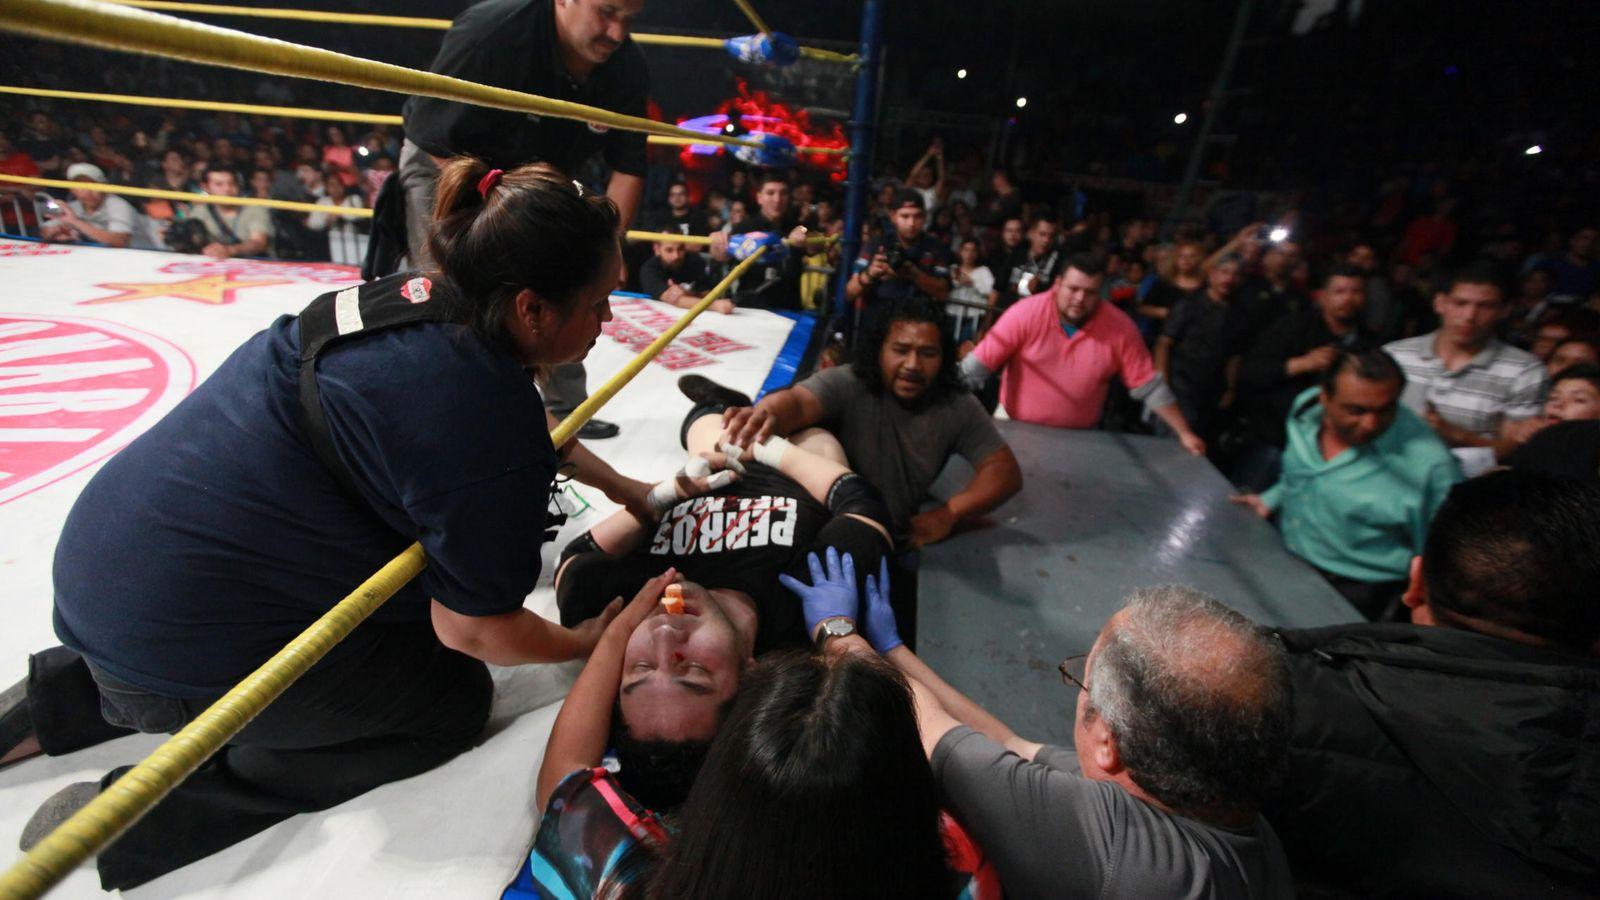 Foto: Momento en el que Hijo del Perro Aguayo es retirado en camilla del ring.